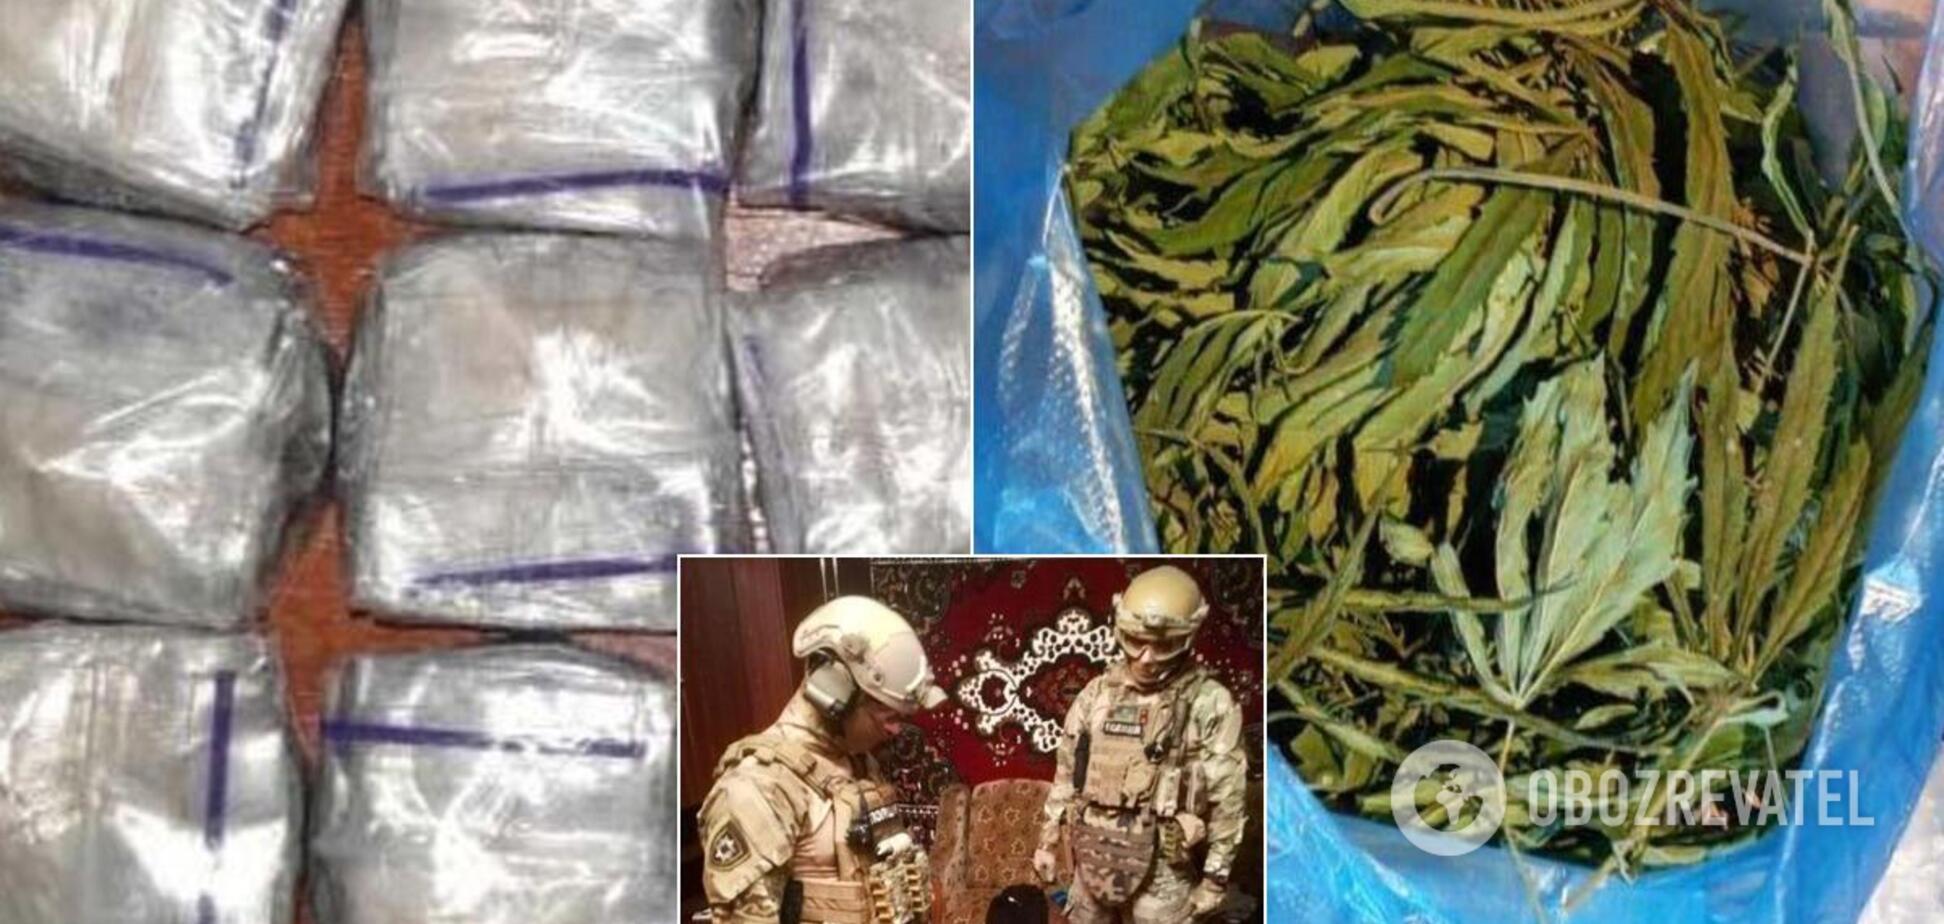 У Кривому Розі викрили наркобізнес із мільйонним обігом у місяць. Фото і відео